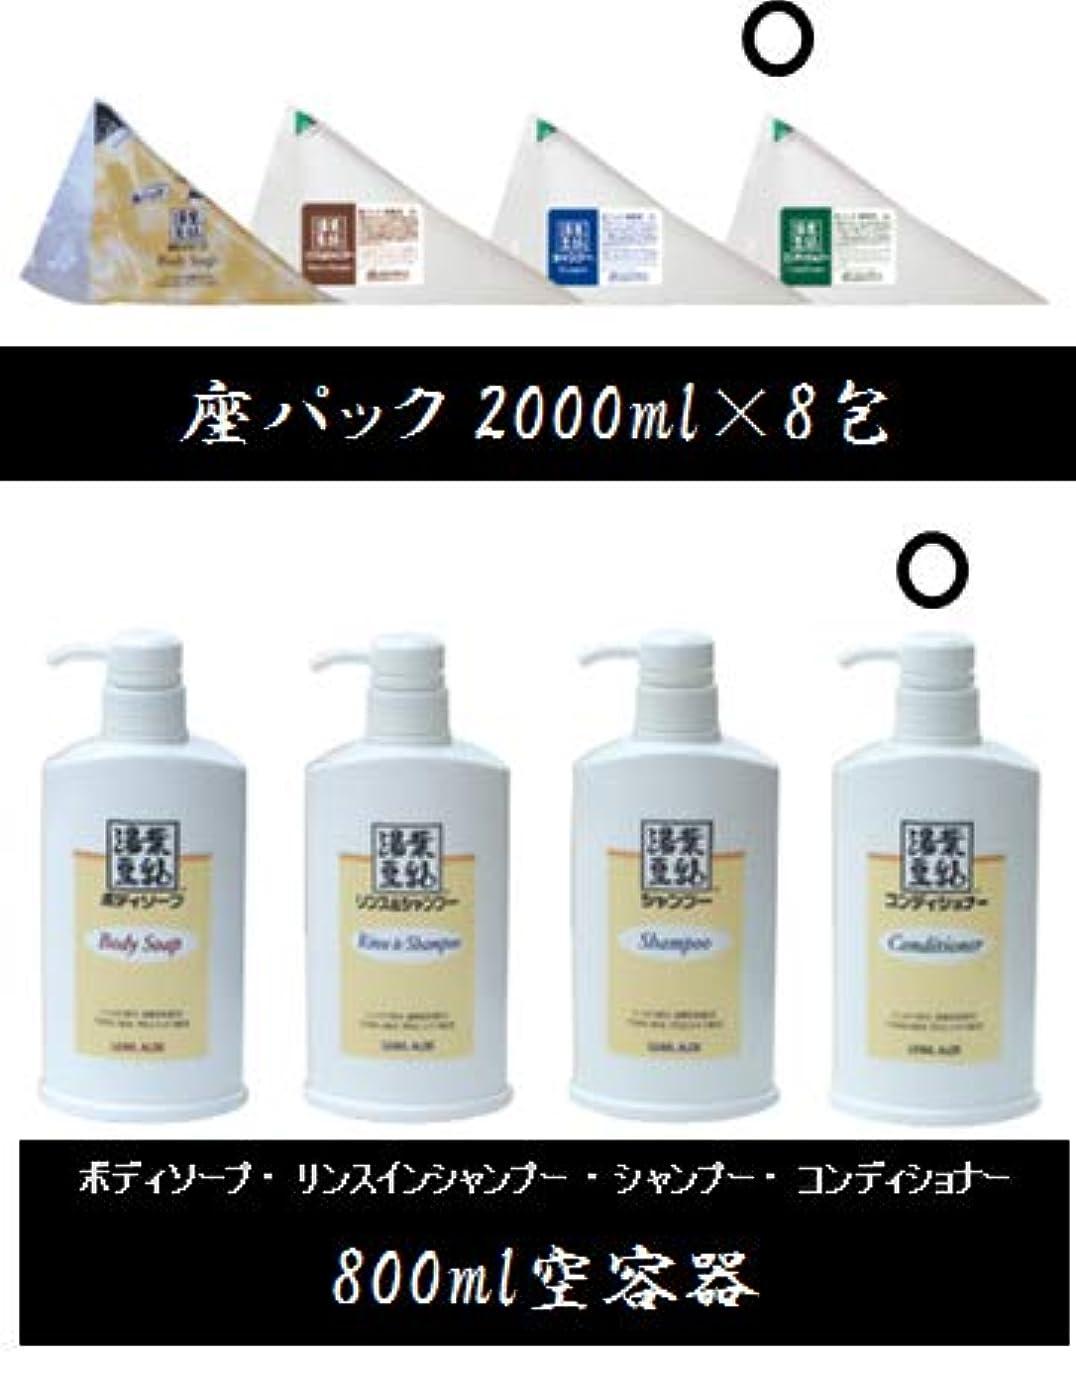 義務的捧げる名誉フタバ化学 湯葉豆乳コンディショナー 16L詰め替え(2Lパック×8包) 800ml空容器付